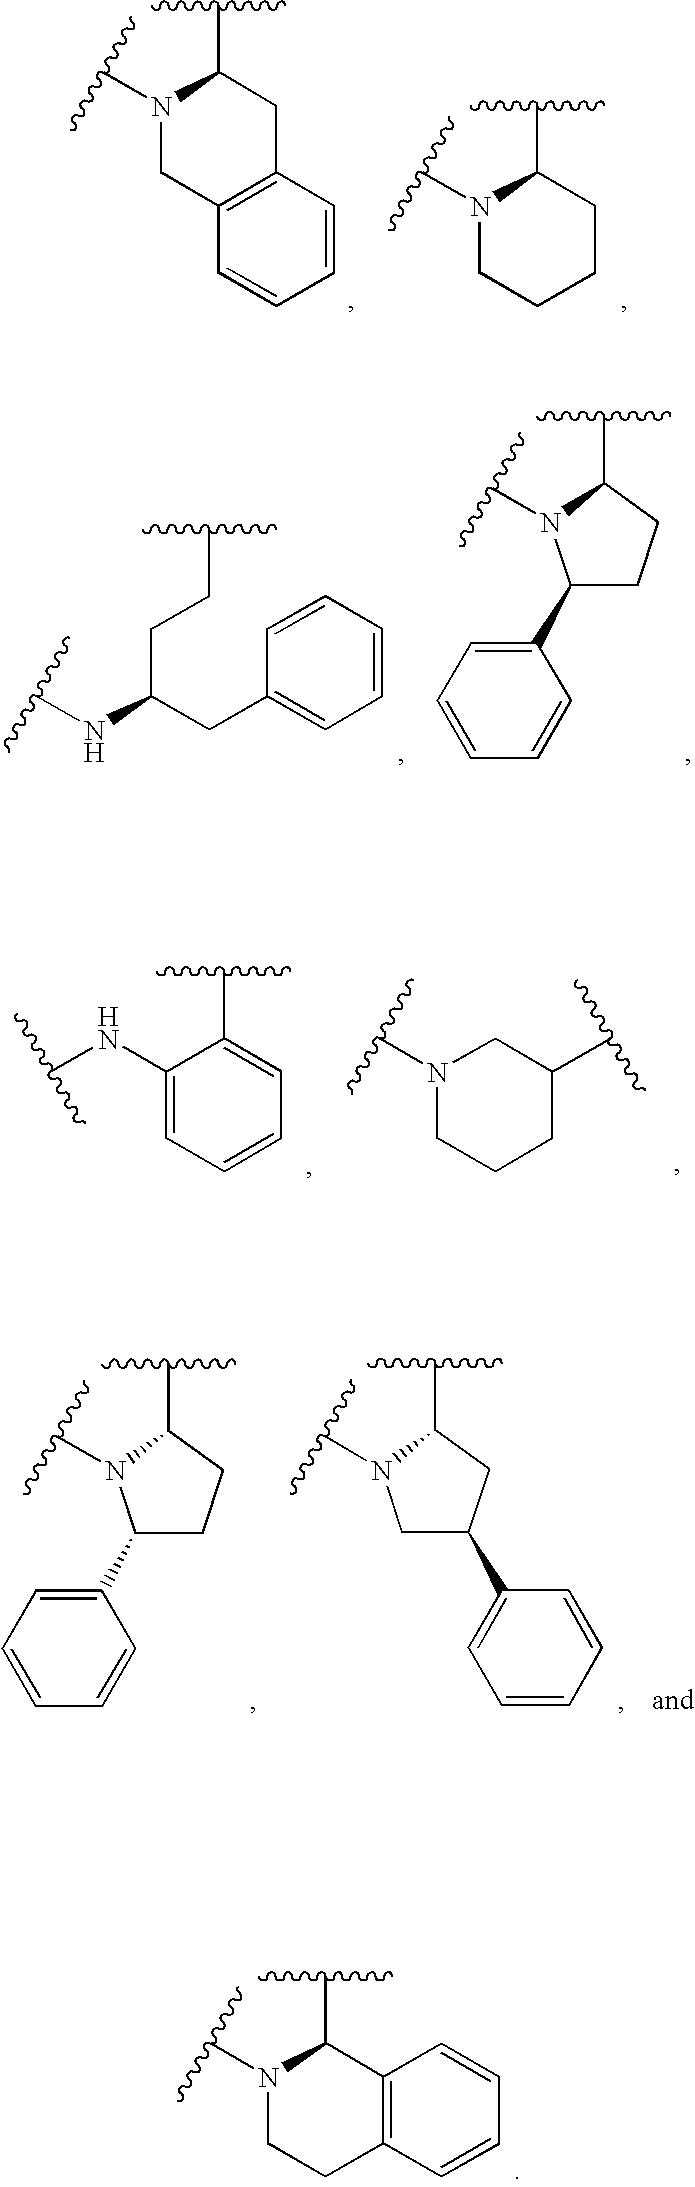 Figure US20040229882A1-20041118-C00383